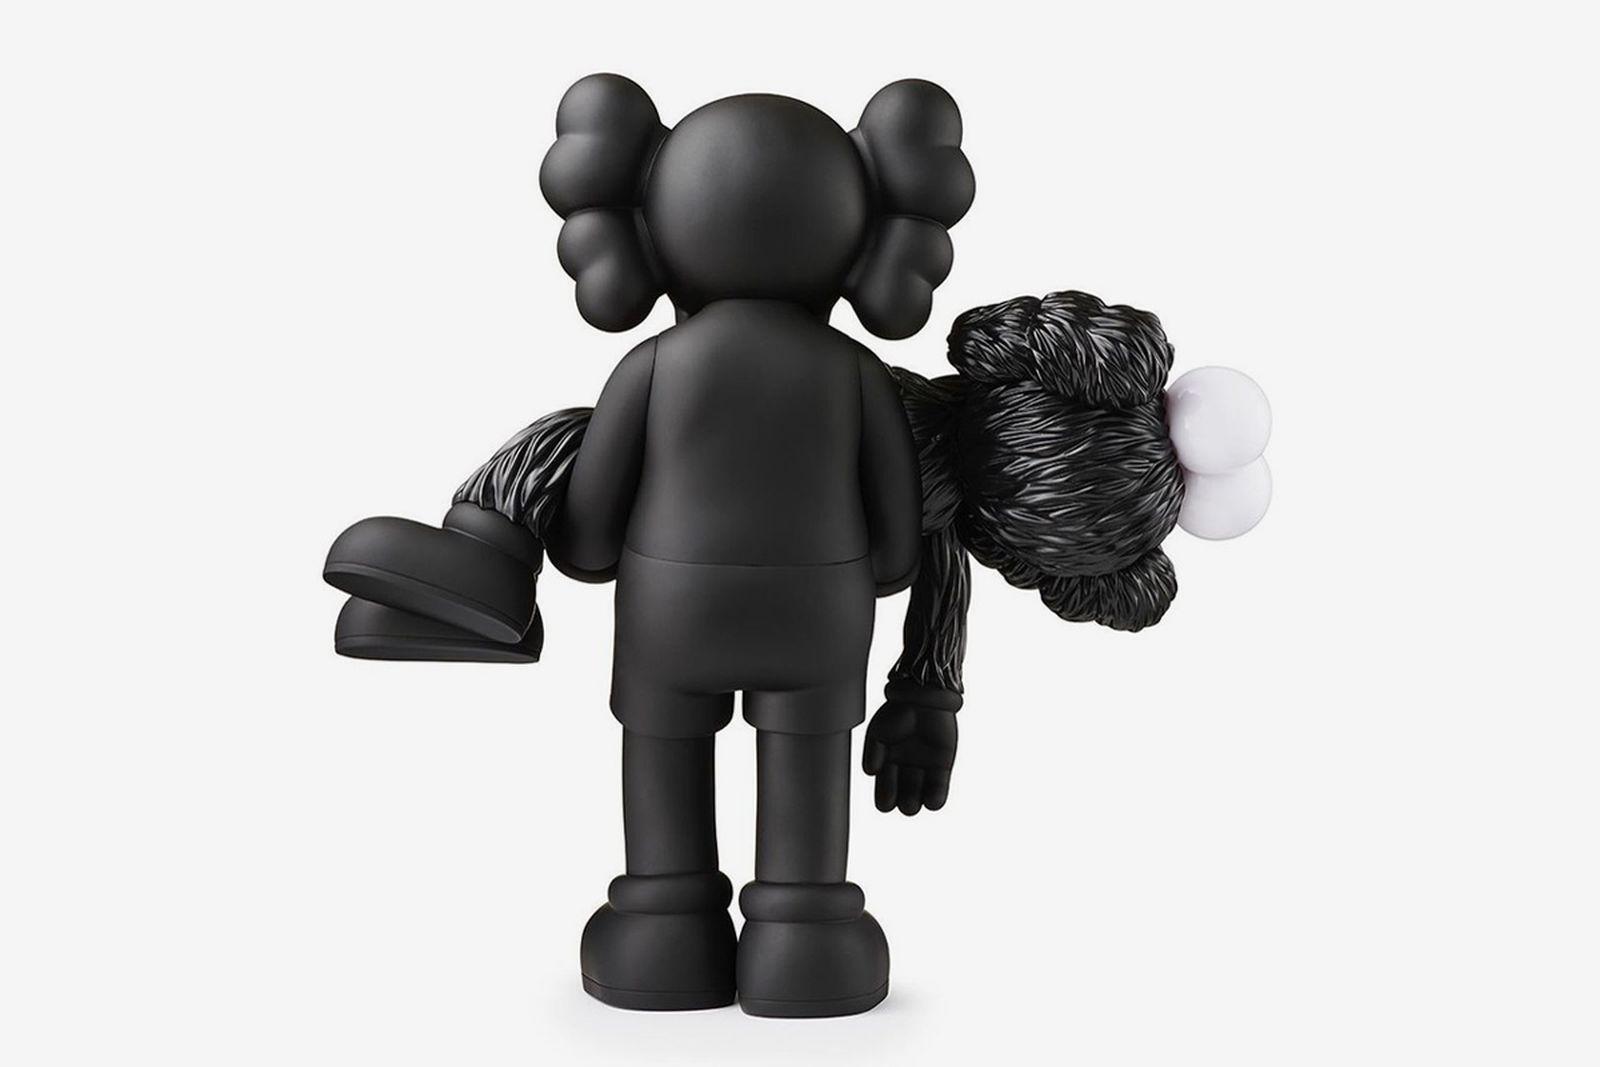 KAWS GONE figurine